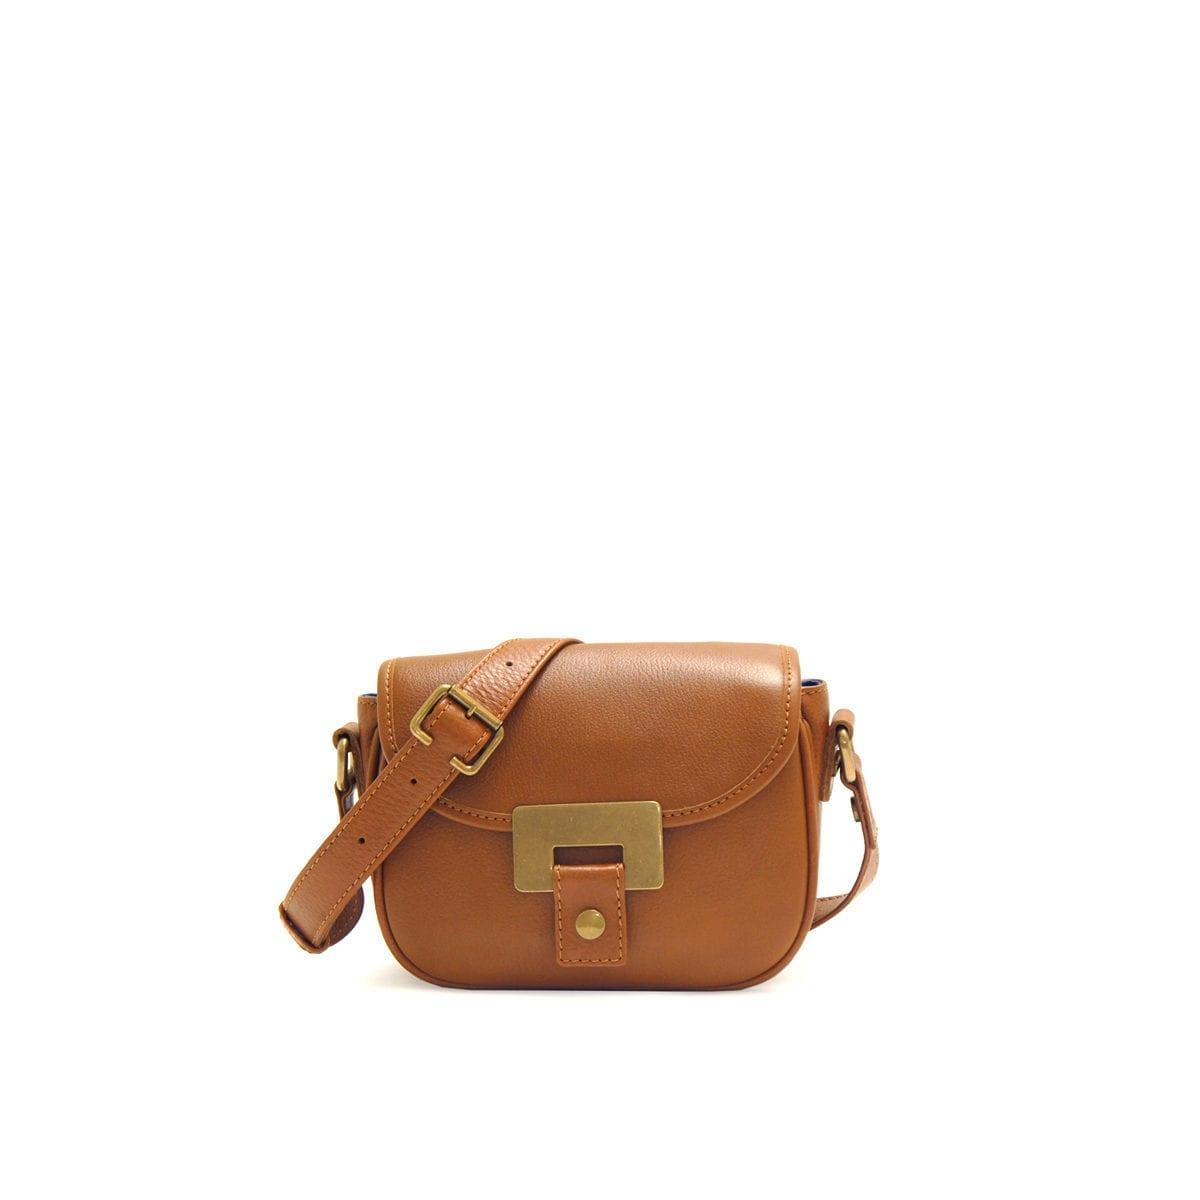 edc48f6352 Olivia Mini Saddler Cognac – Lumi Accessories